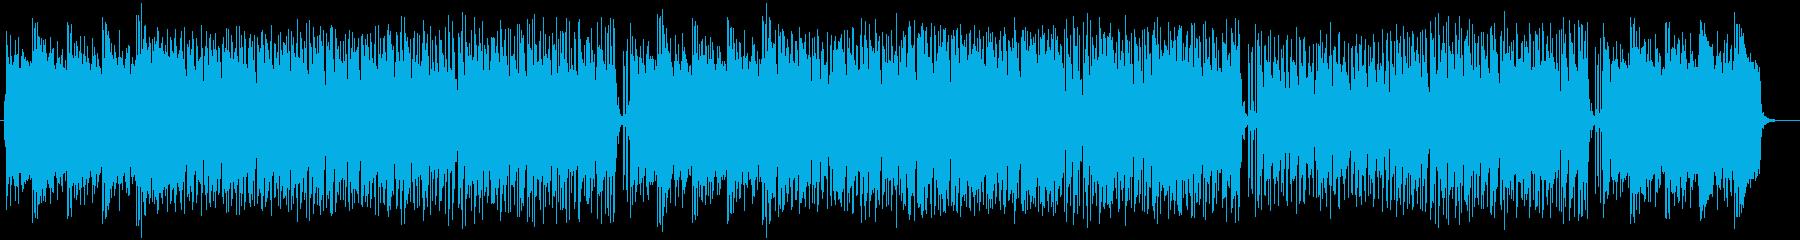 軽やかなほのぼのミュージックの再生済みの波形